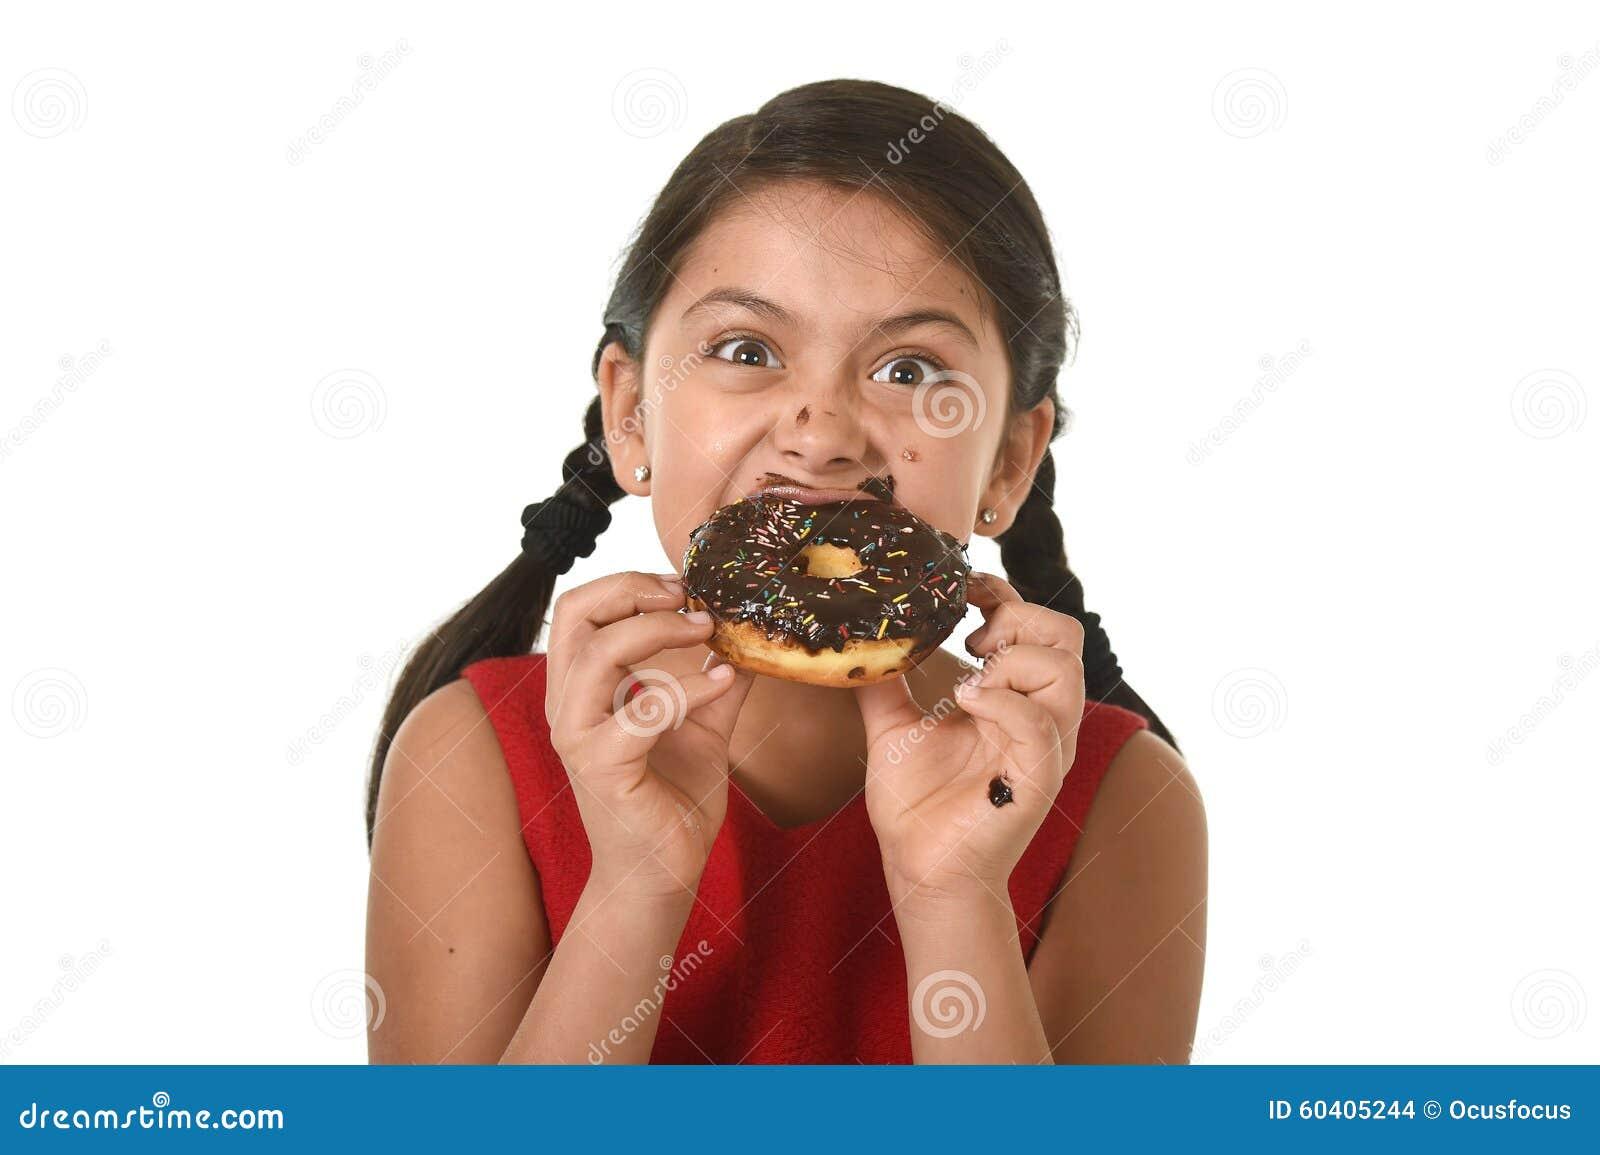 红色礼服的西班牙女孩吃巧克力多福饼用手的和嘴被弄脏的和肮脏微笑愉快